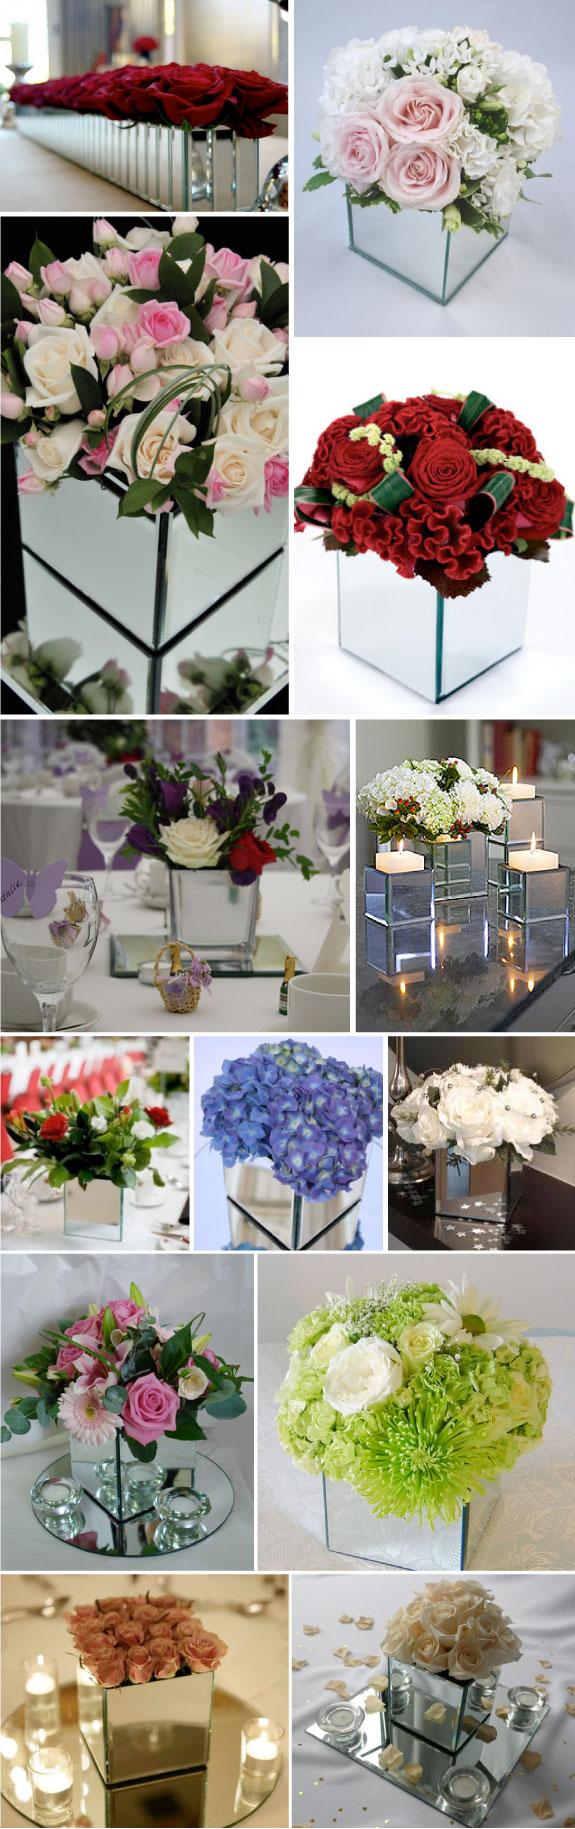 Kwiaty na stołach ślubnych, jak udekorować kwiatami stół